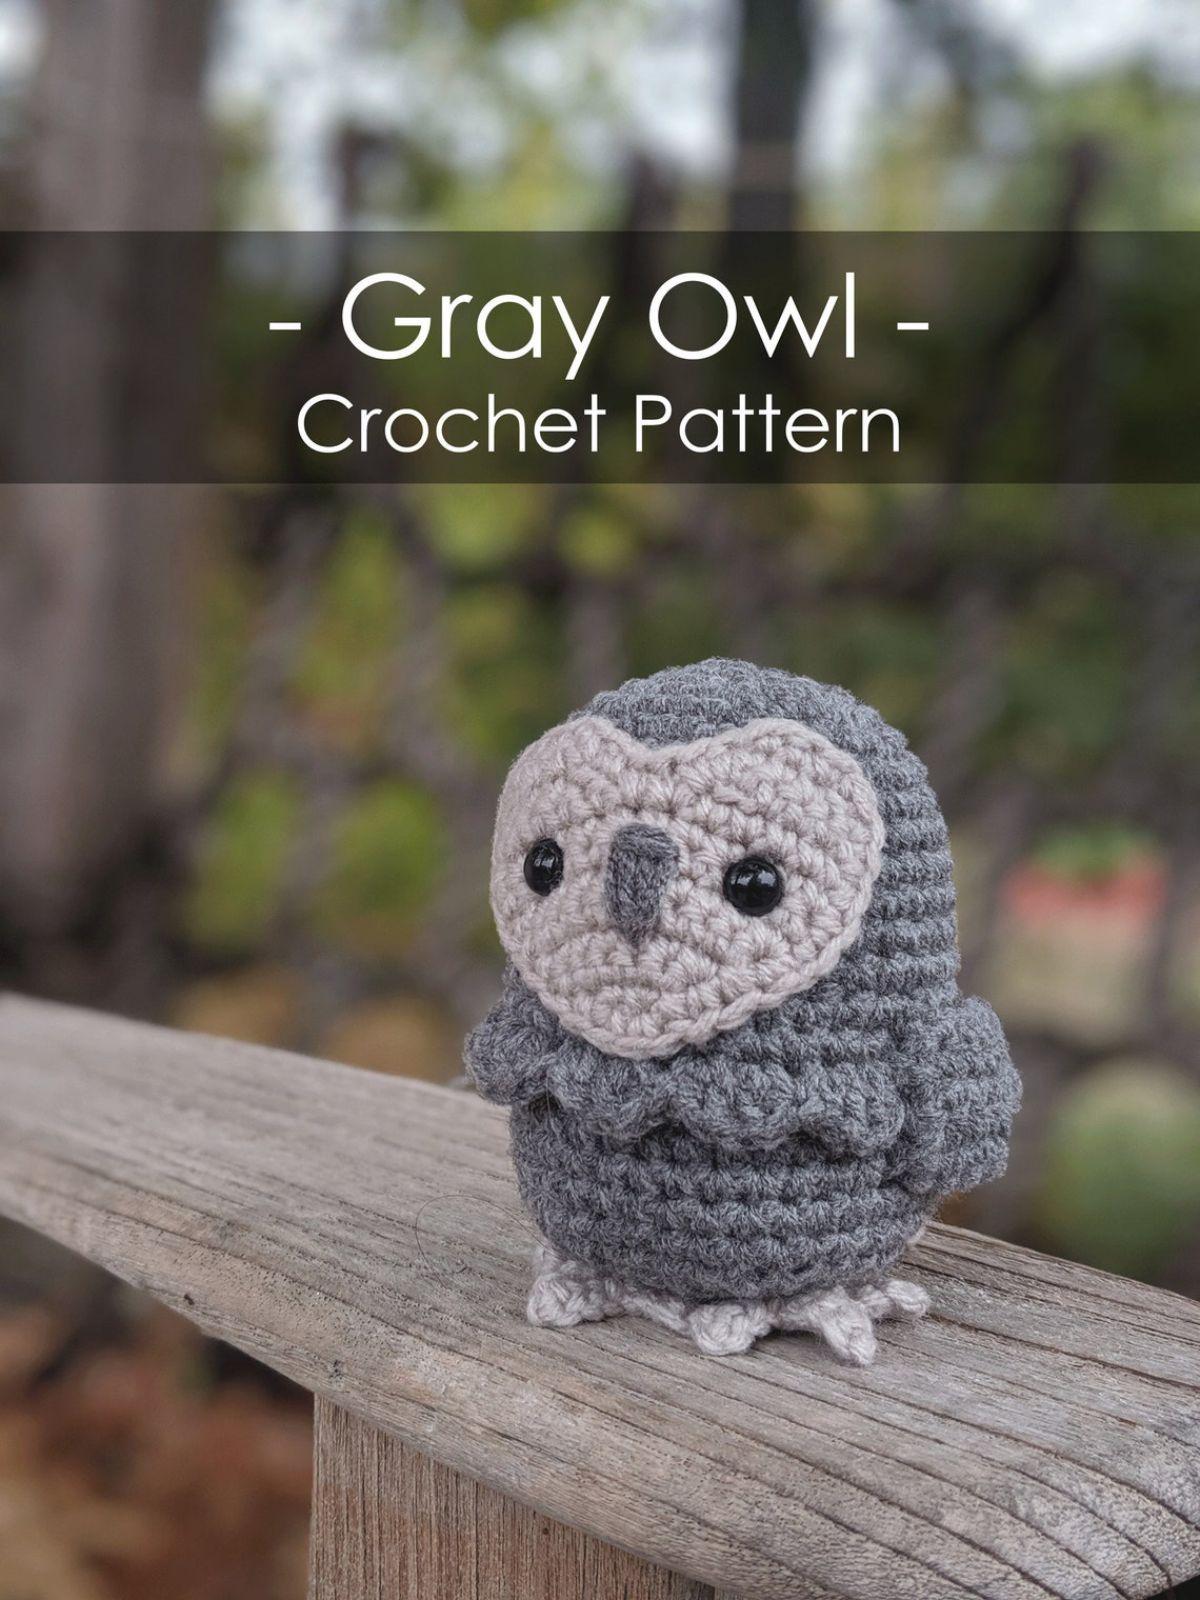 Gray Owl - Crochet Pattern